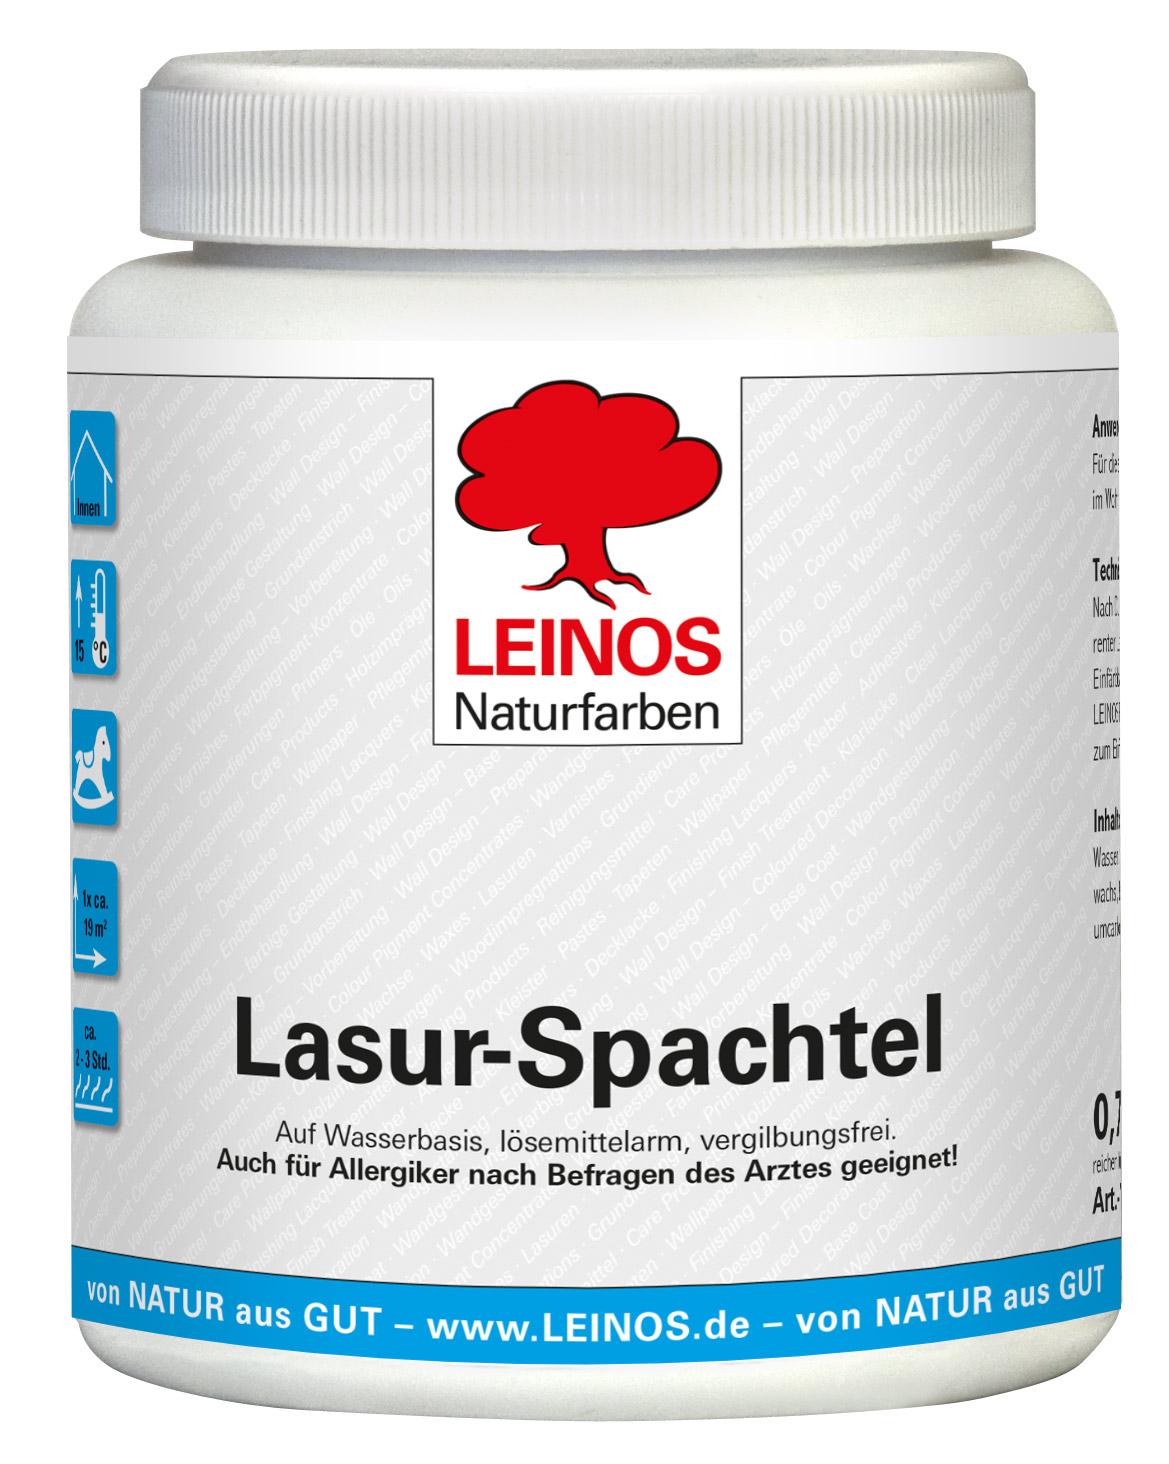 Leinos Lasur-Spachtel